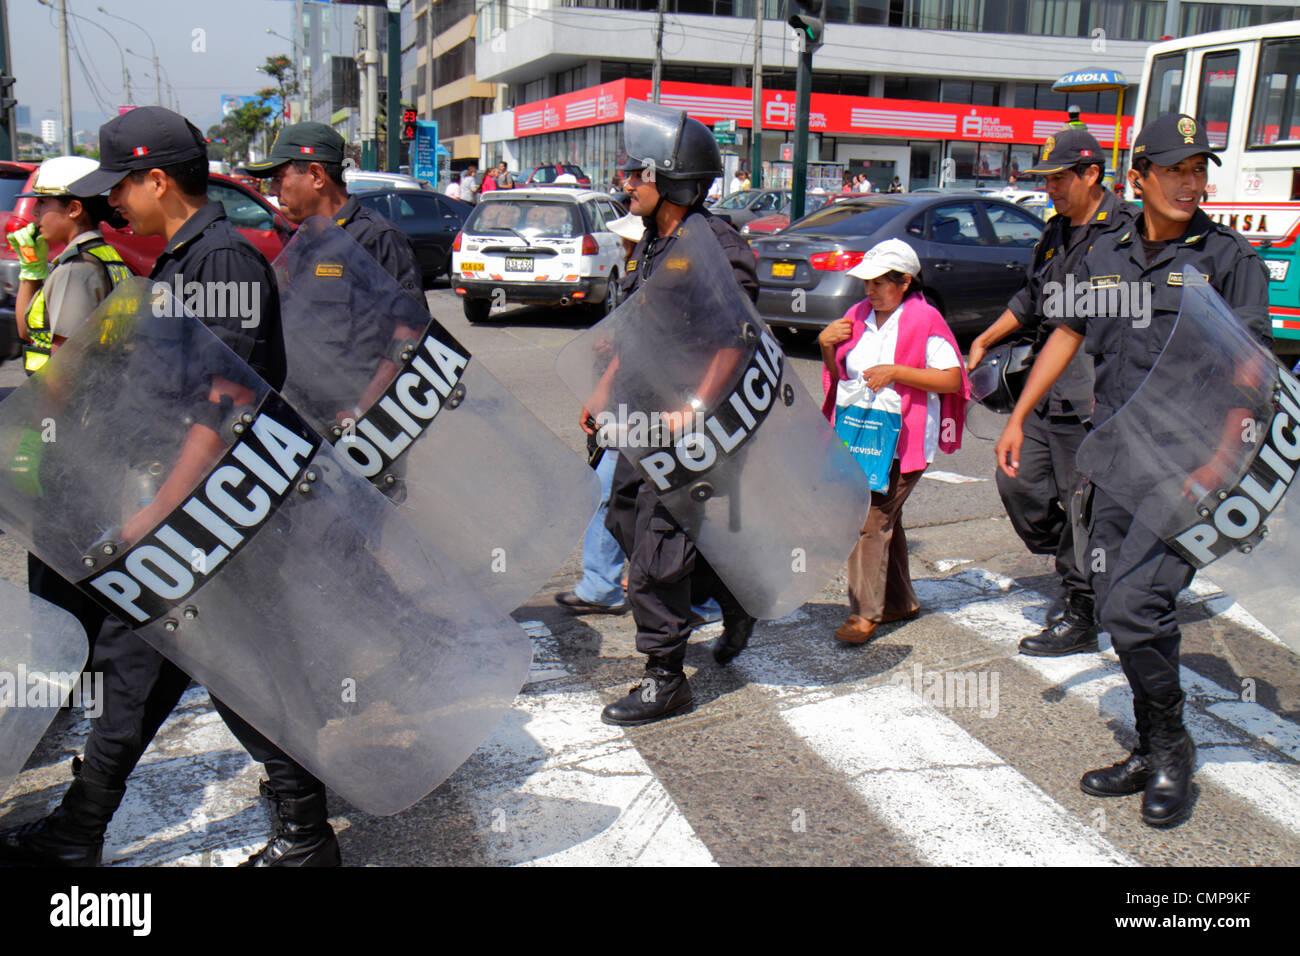 Lima Peru San Isidro Avenida Canaval y Moreyra protest Petroperu Petróleos del Perú street scene Indigenous - Stock Image